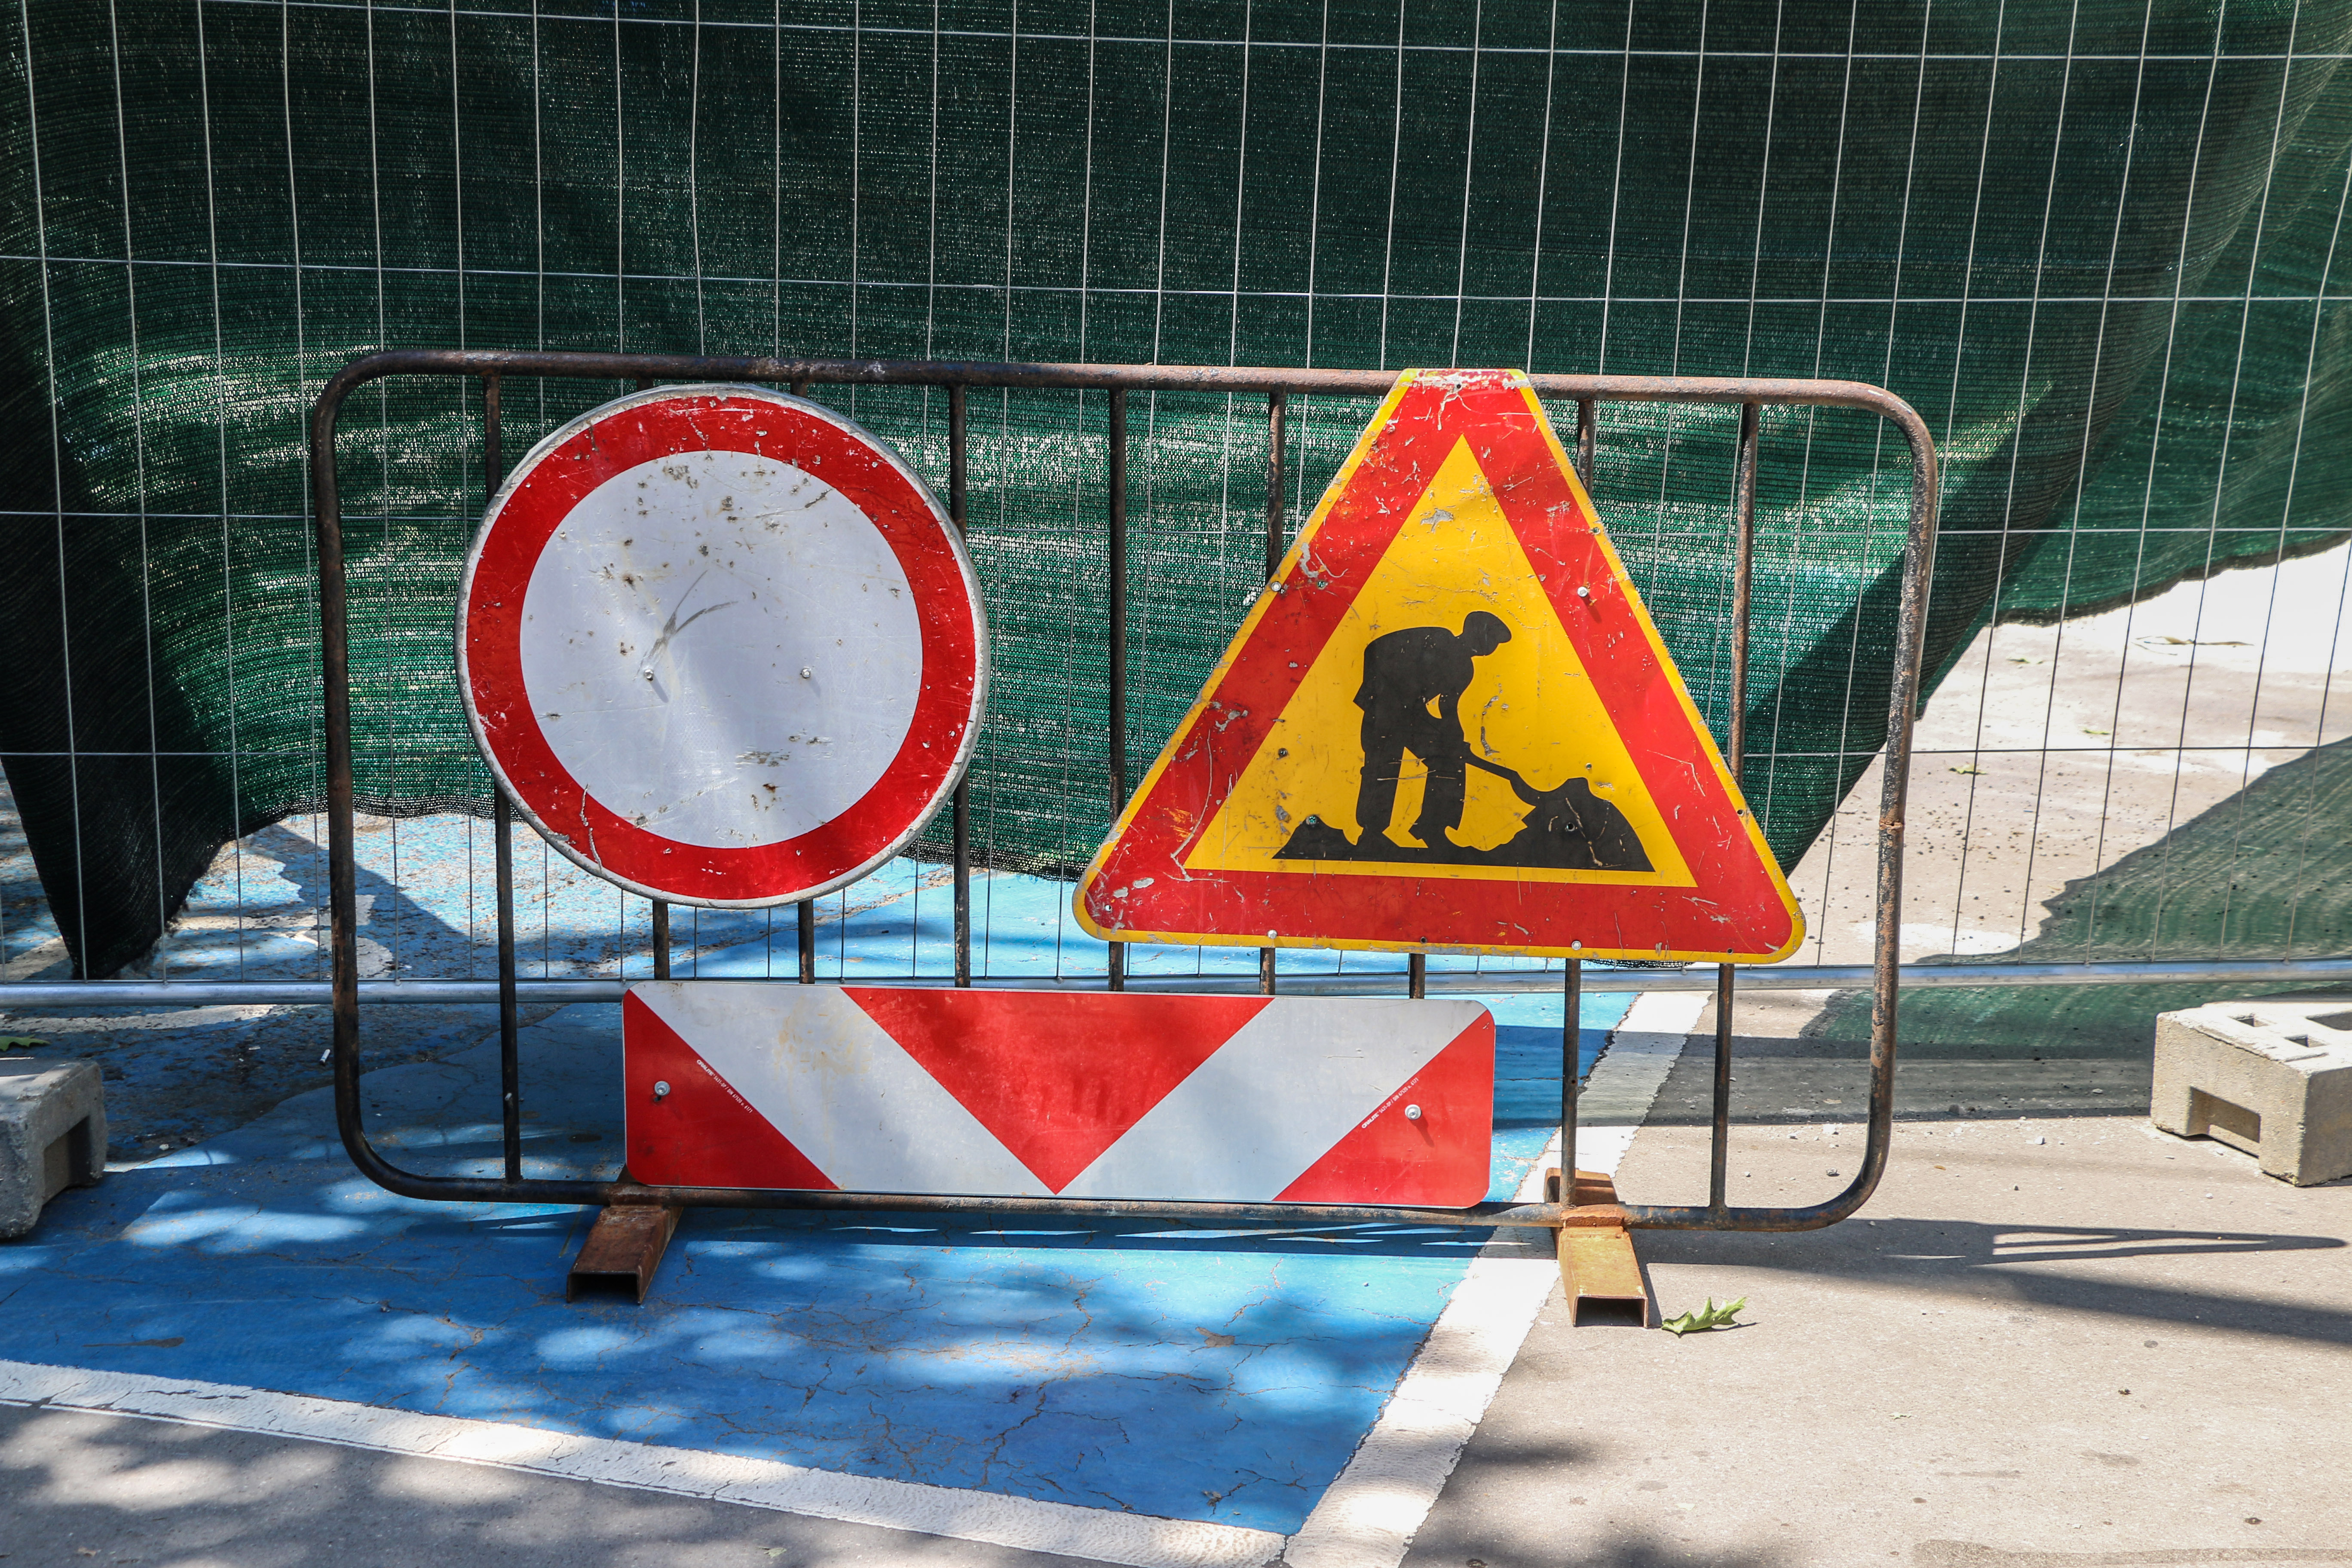 Затварят част от ключов булевард заради строежа на метрото